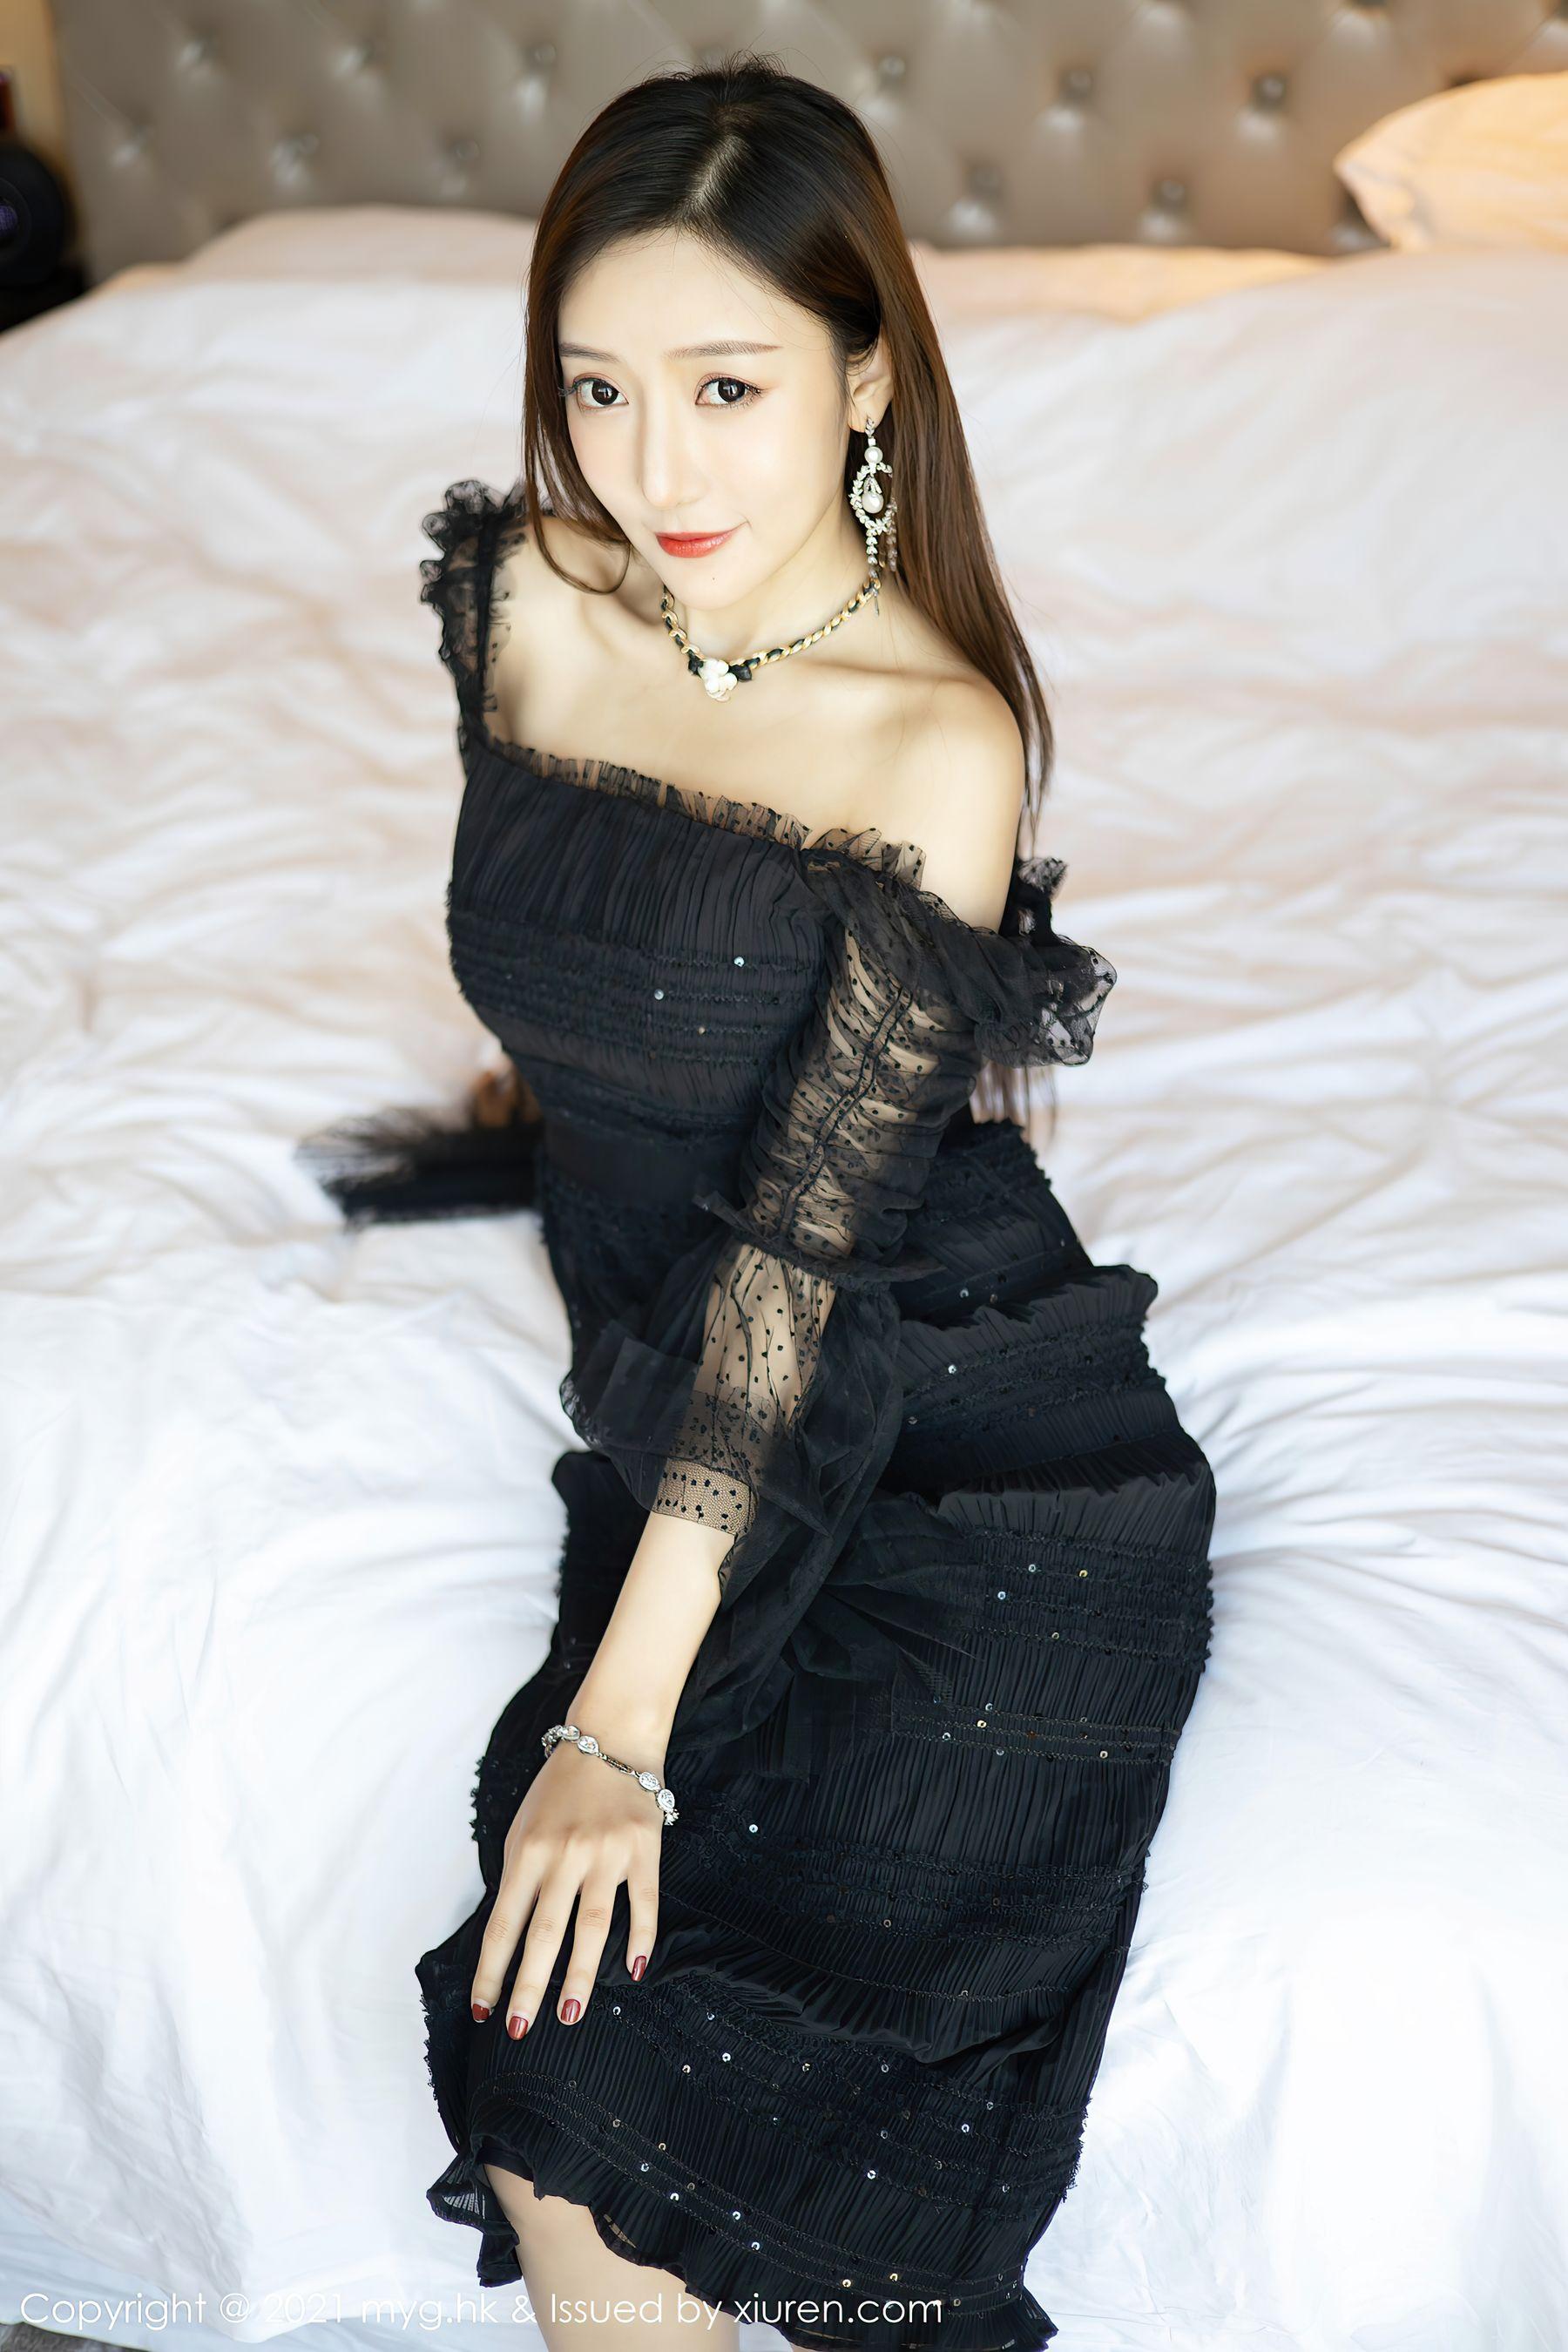 VOL.628 [美媛馆]女神旗袍:王馨瑶(王馨瑶yanni)高品质写真套图(63P)